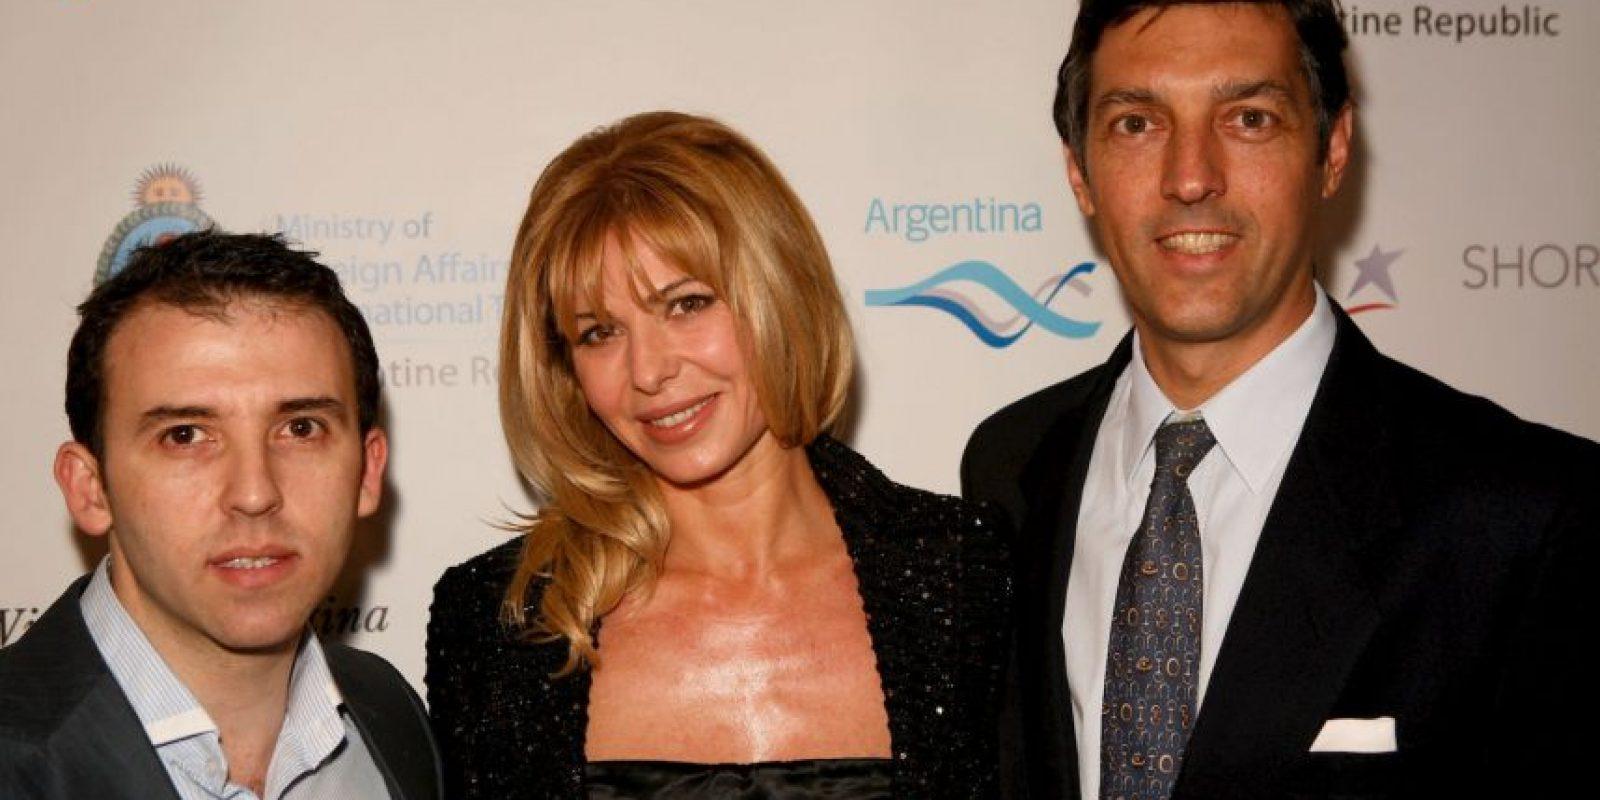 Ya se había divorciado de Scioli, pero volvieron a estar juntos Foto:Getty Images